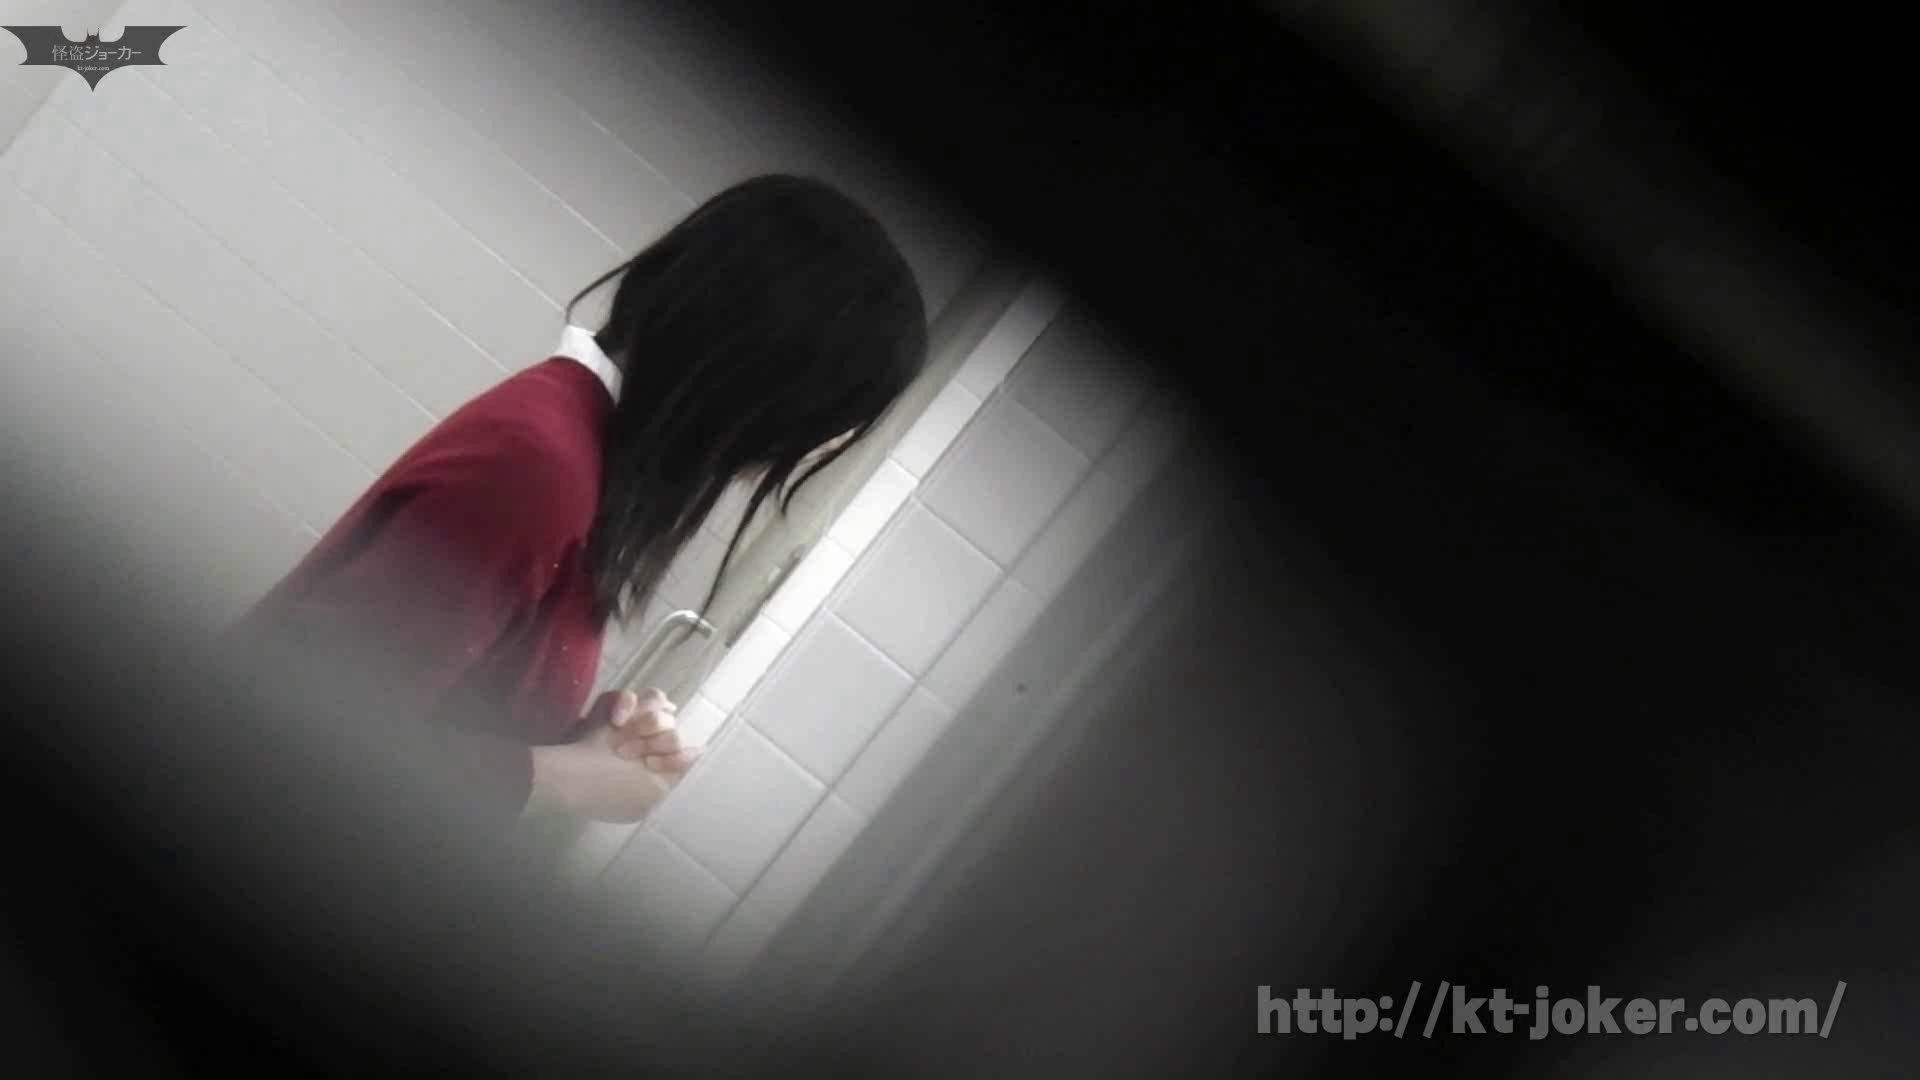 命がけ潜伏洗面所! vol.56 ピンチ!!「鏡の前で祈る女性」にばれる危機 洗面所はめどり  57画像 9